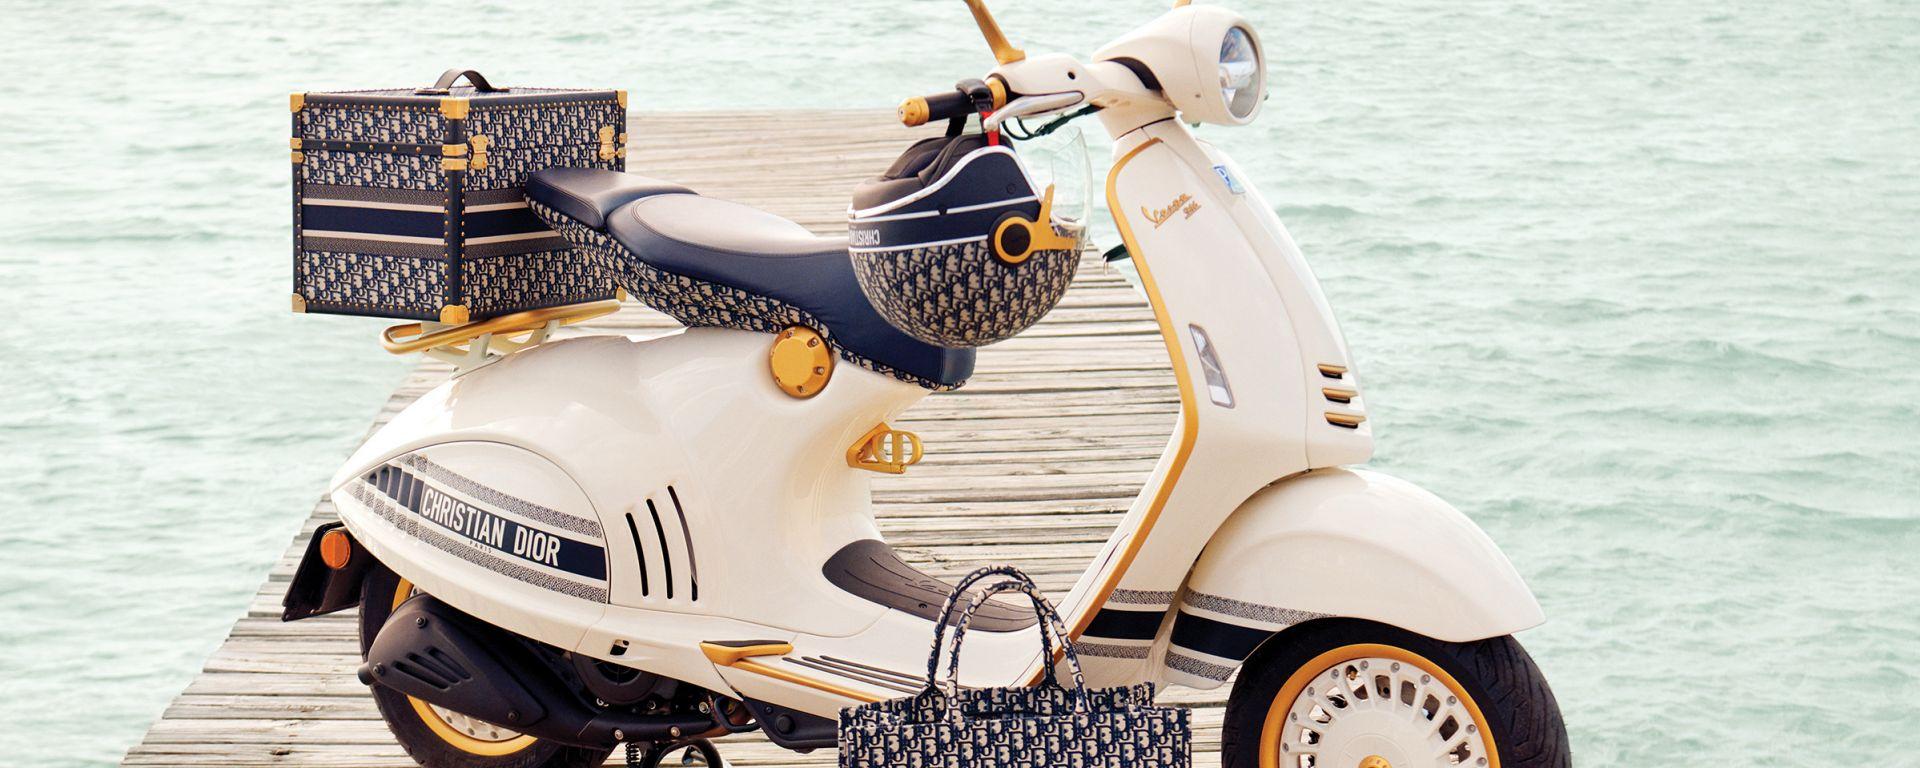 Vespa 946 Christian Dior con tutti gli accessori